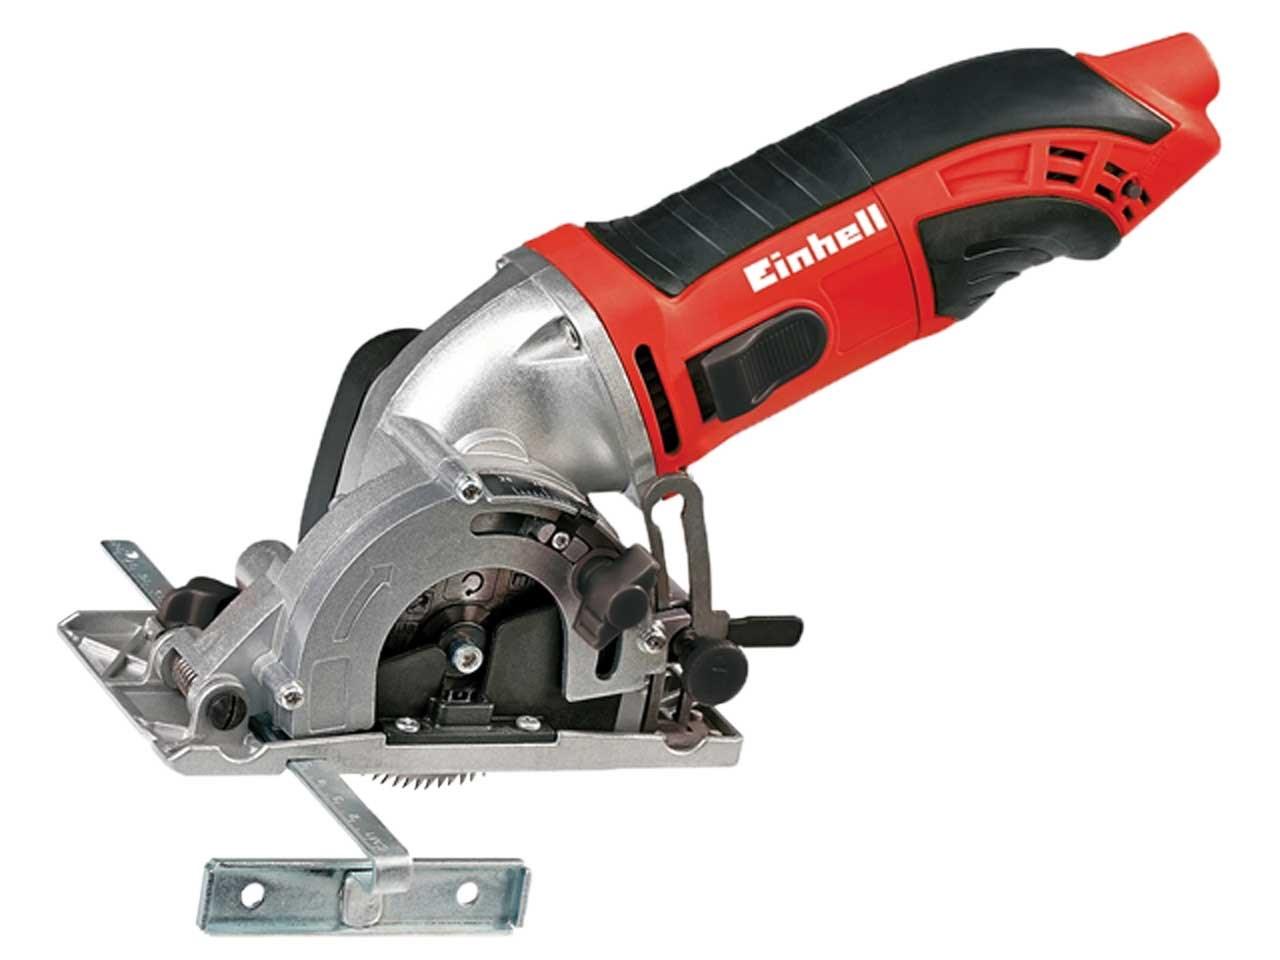 Einhell Tc Cs 860 2 450 Watt Mini Circular Saw Kit 240 Volt